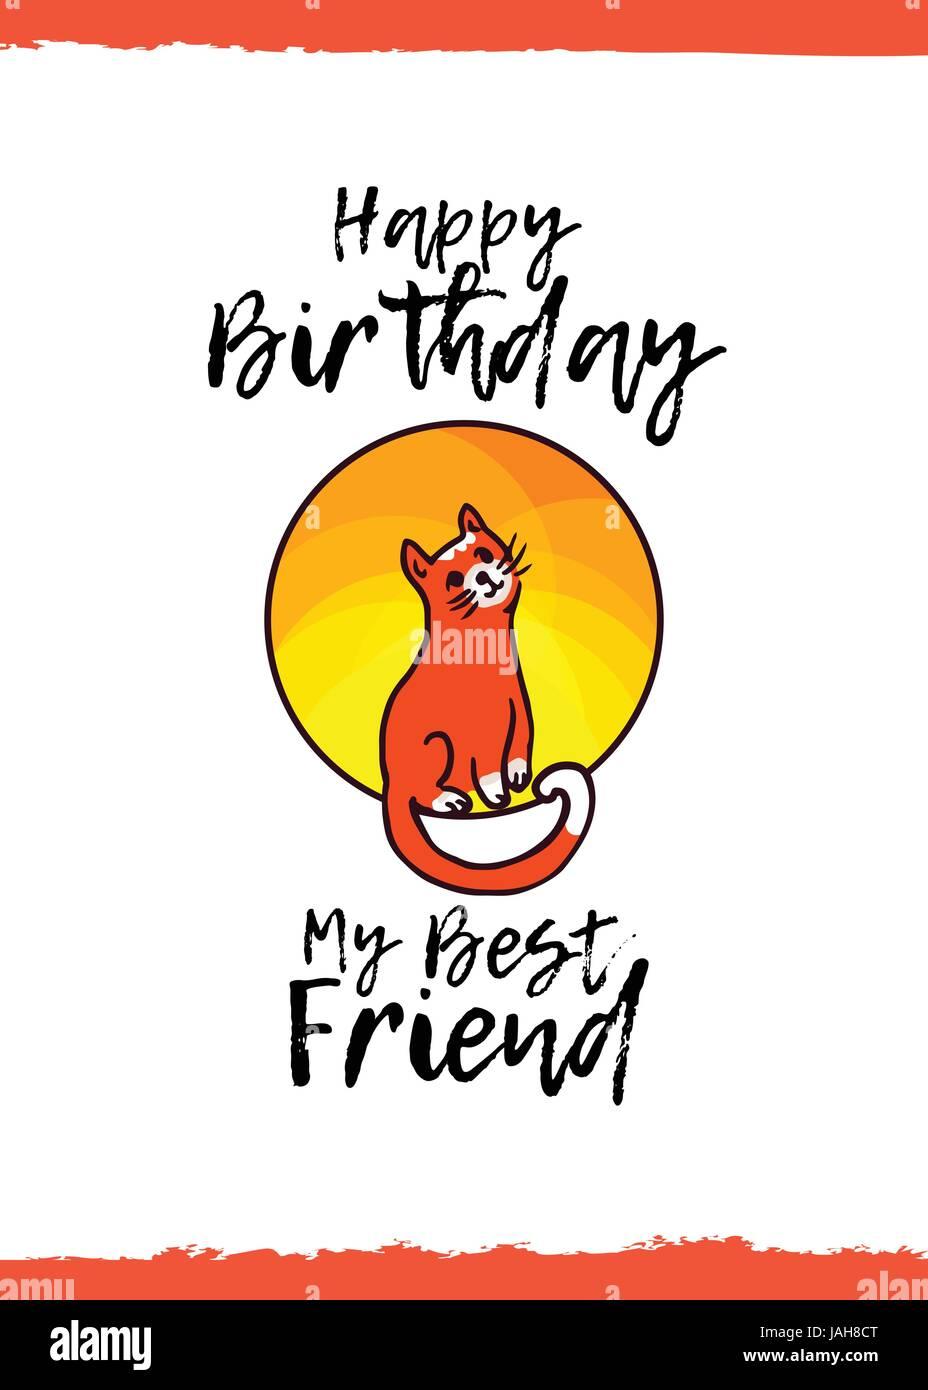 Herzlichen Gluckwunsch Zum Geburtstag Mein Bester Freund